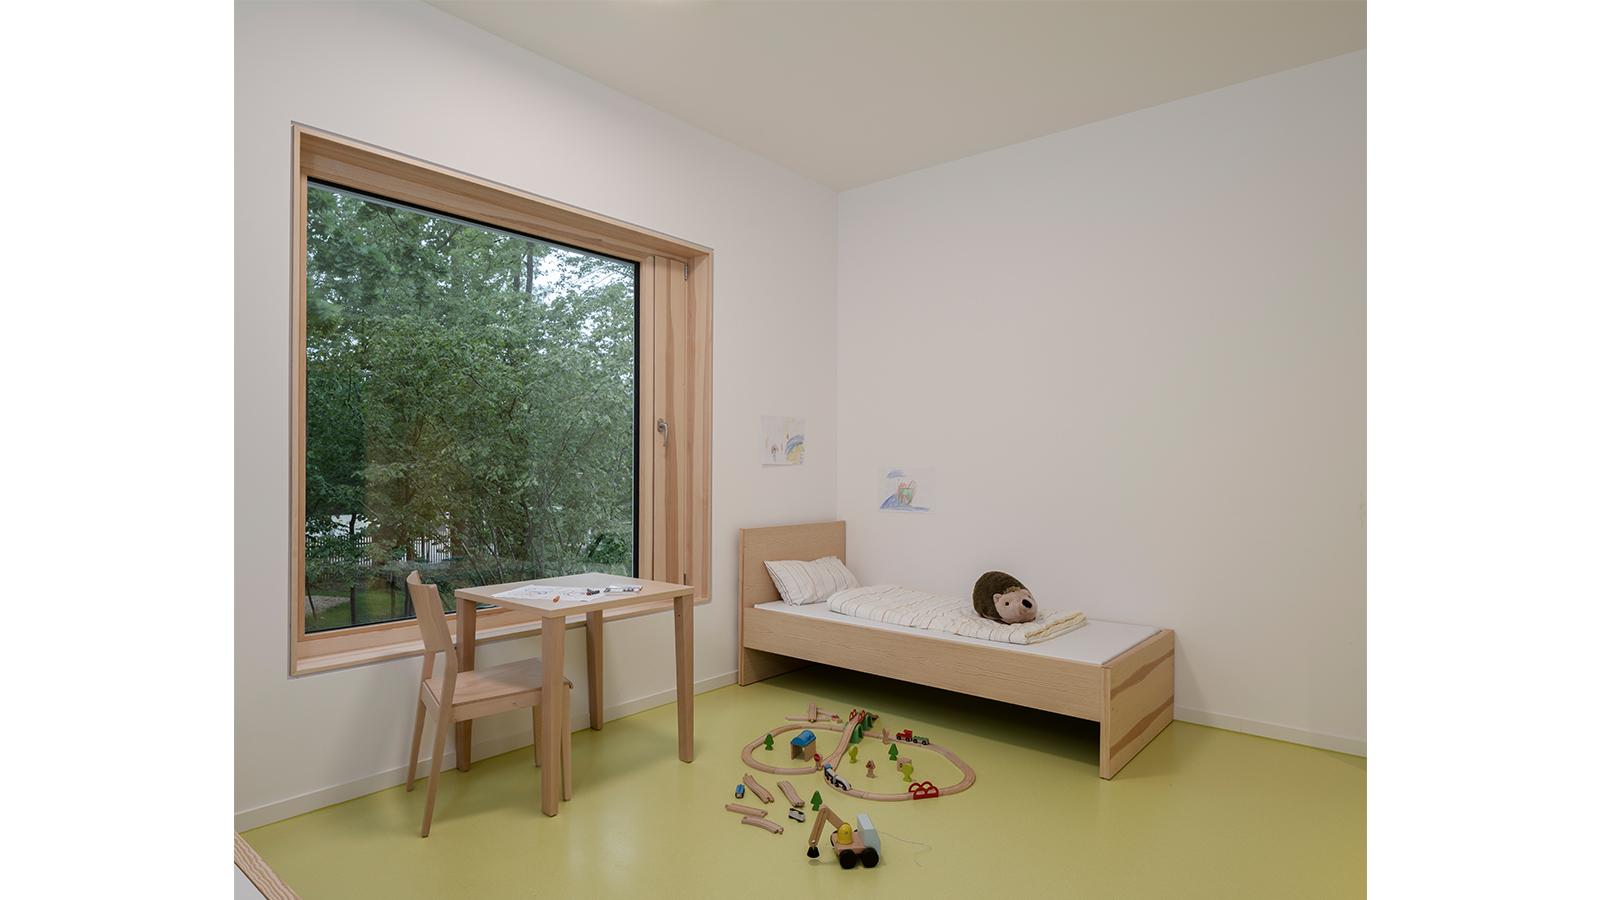 h2m-architekten-kinder-und-jugendpsychiatrie-patientenzimmer